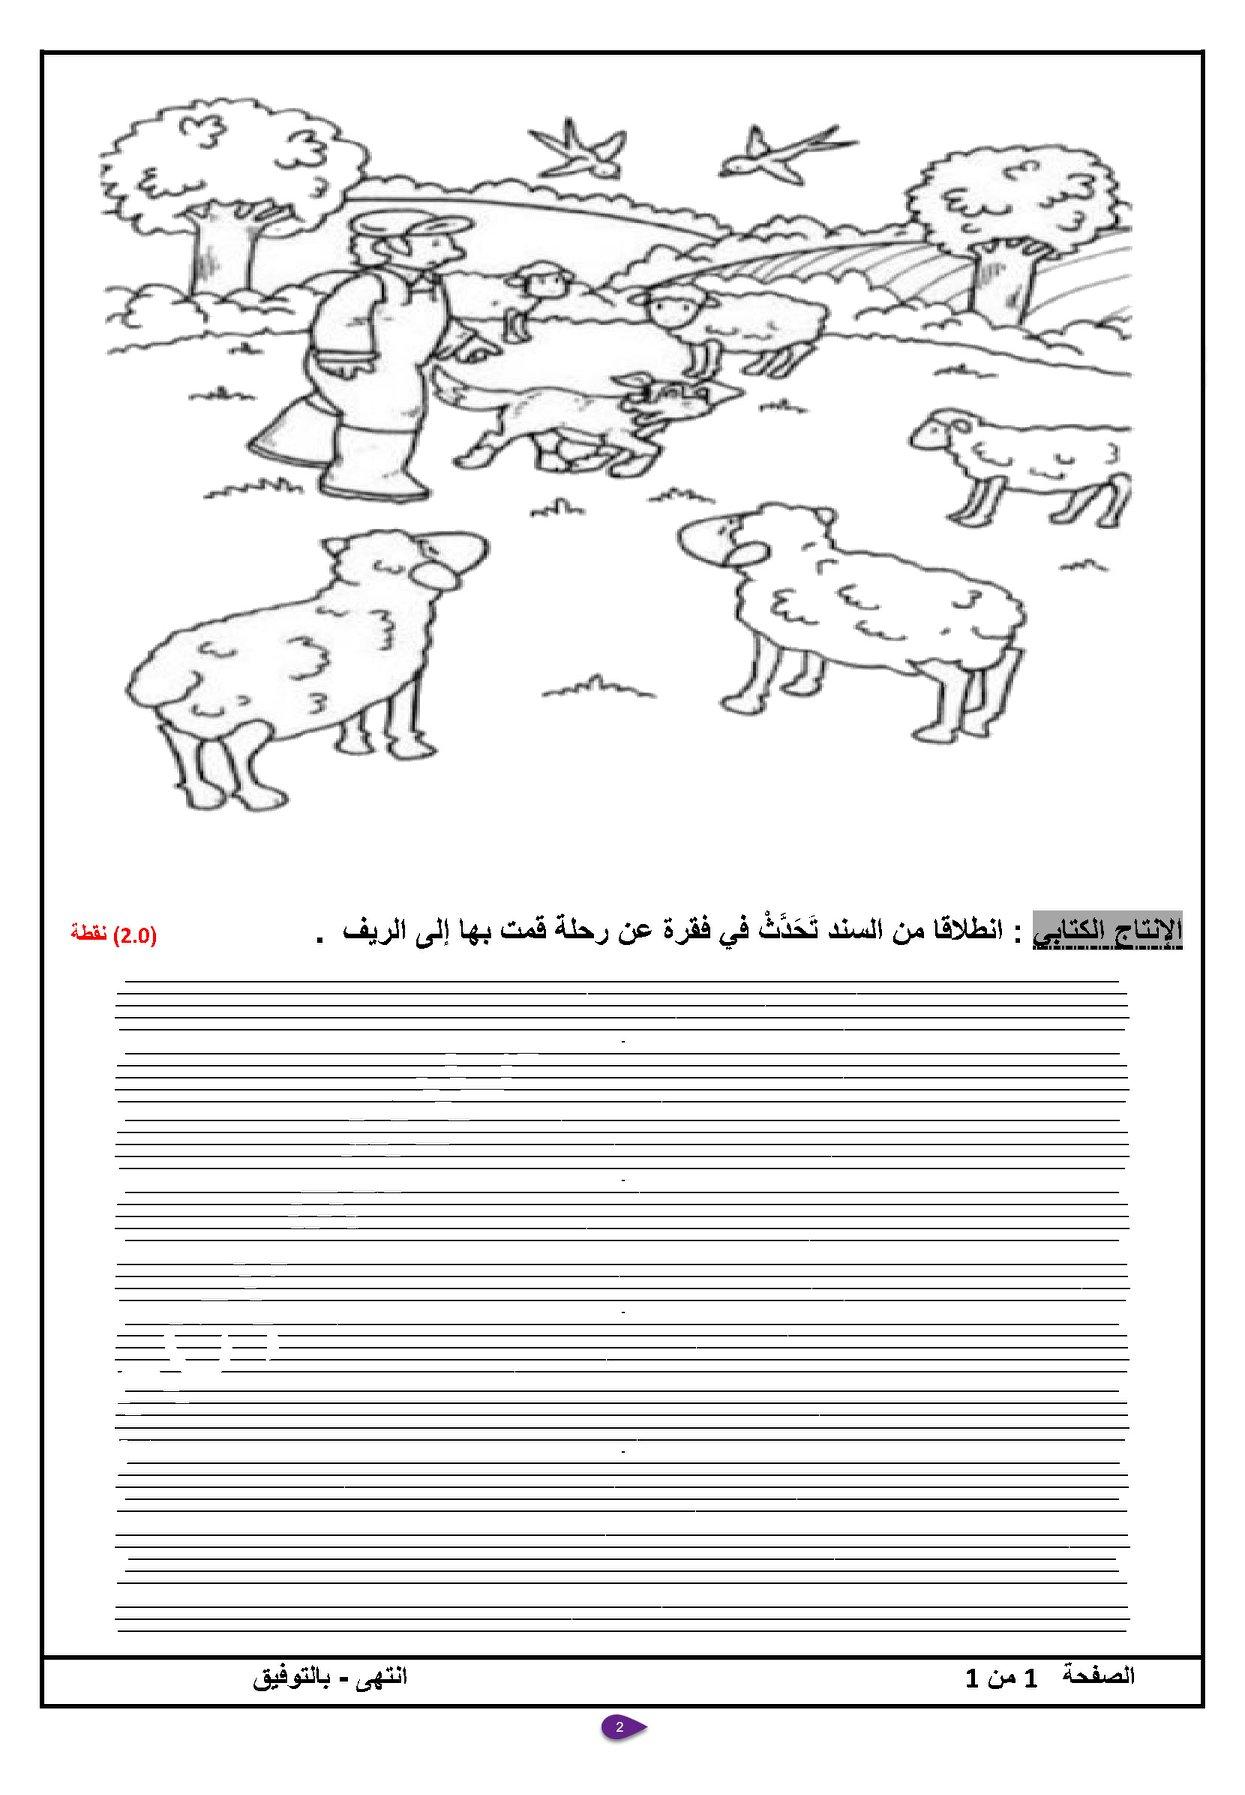 اختبار الفصل الثاني في اللغة العربية مع الحل | الثالثة ابتدائي | الموضوع 04